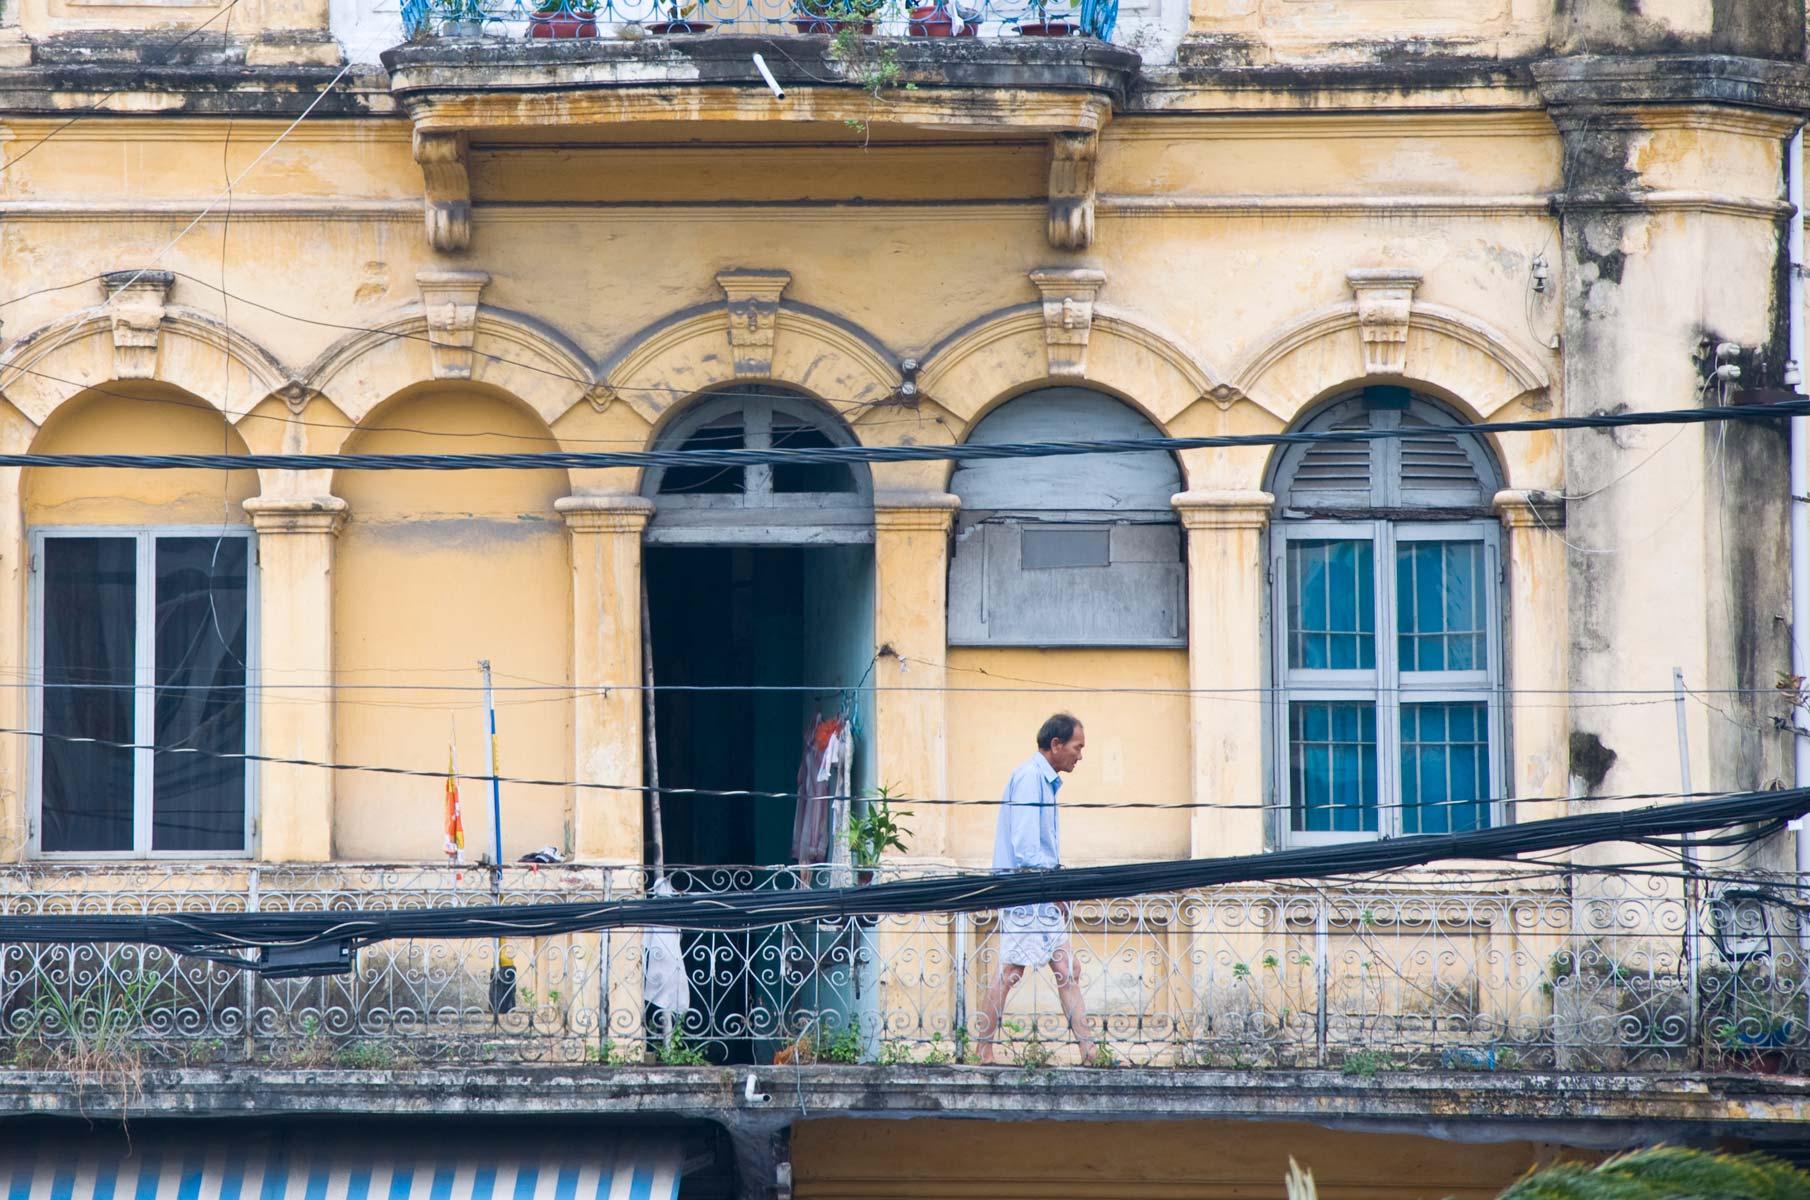 Mann auf Balkon in Saigon (Ho-Chi-Minh Stadt), Vietnam